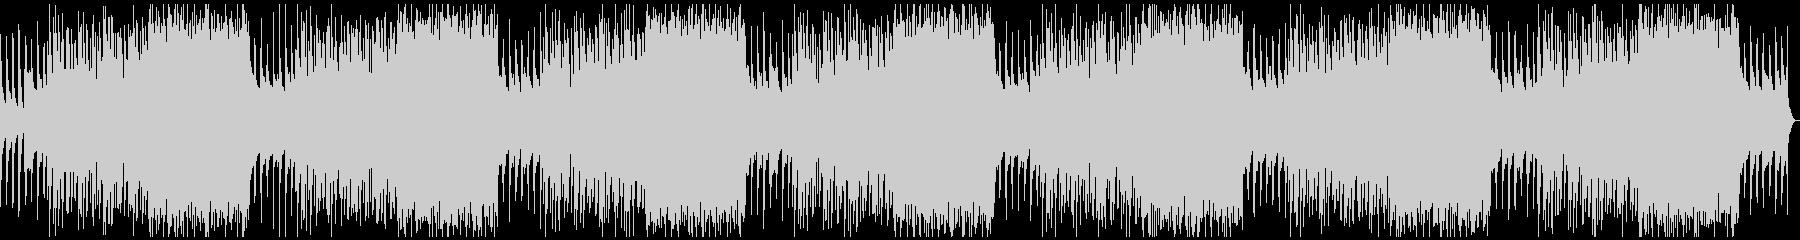 チルアウト、ローファイの未再生の波形